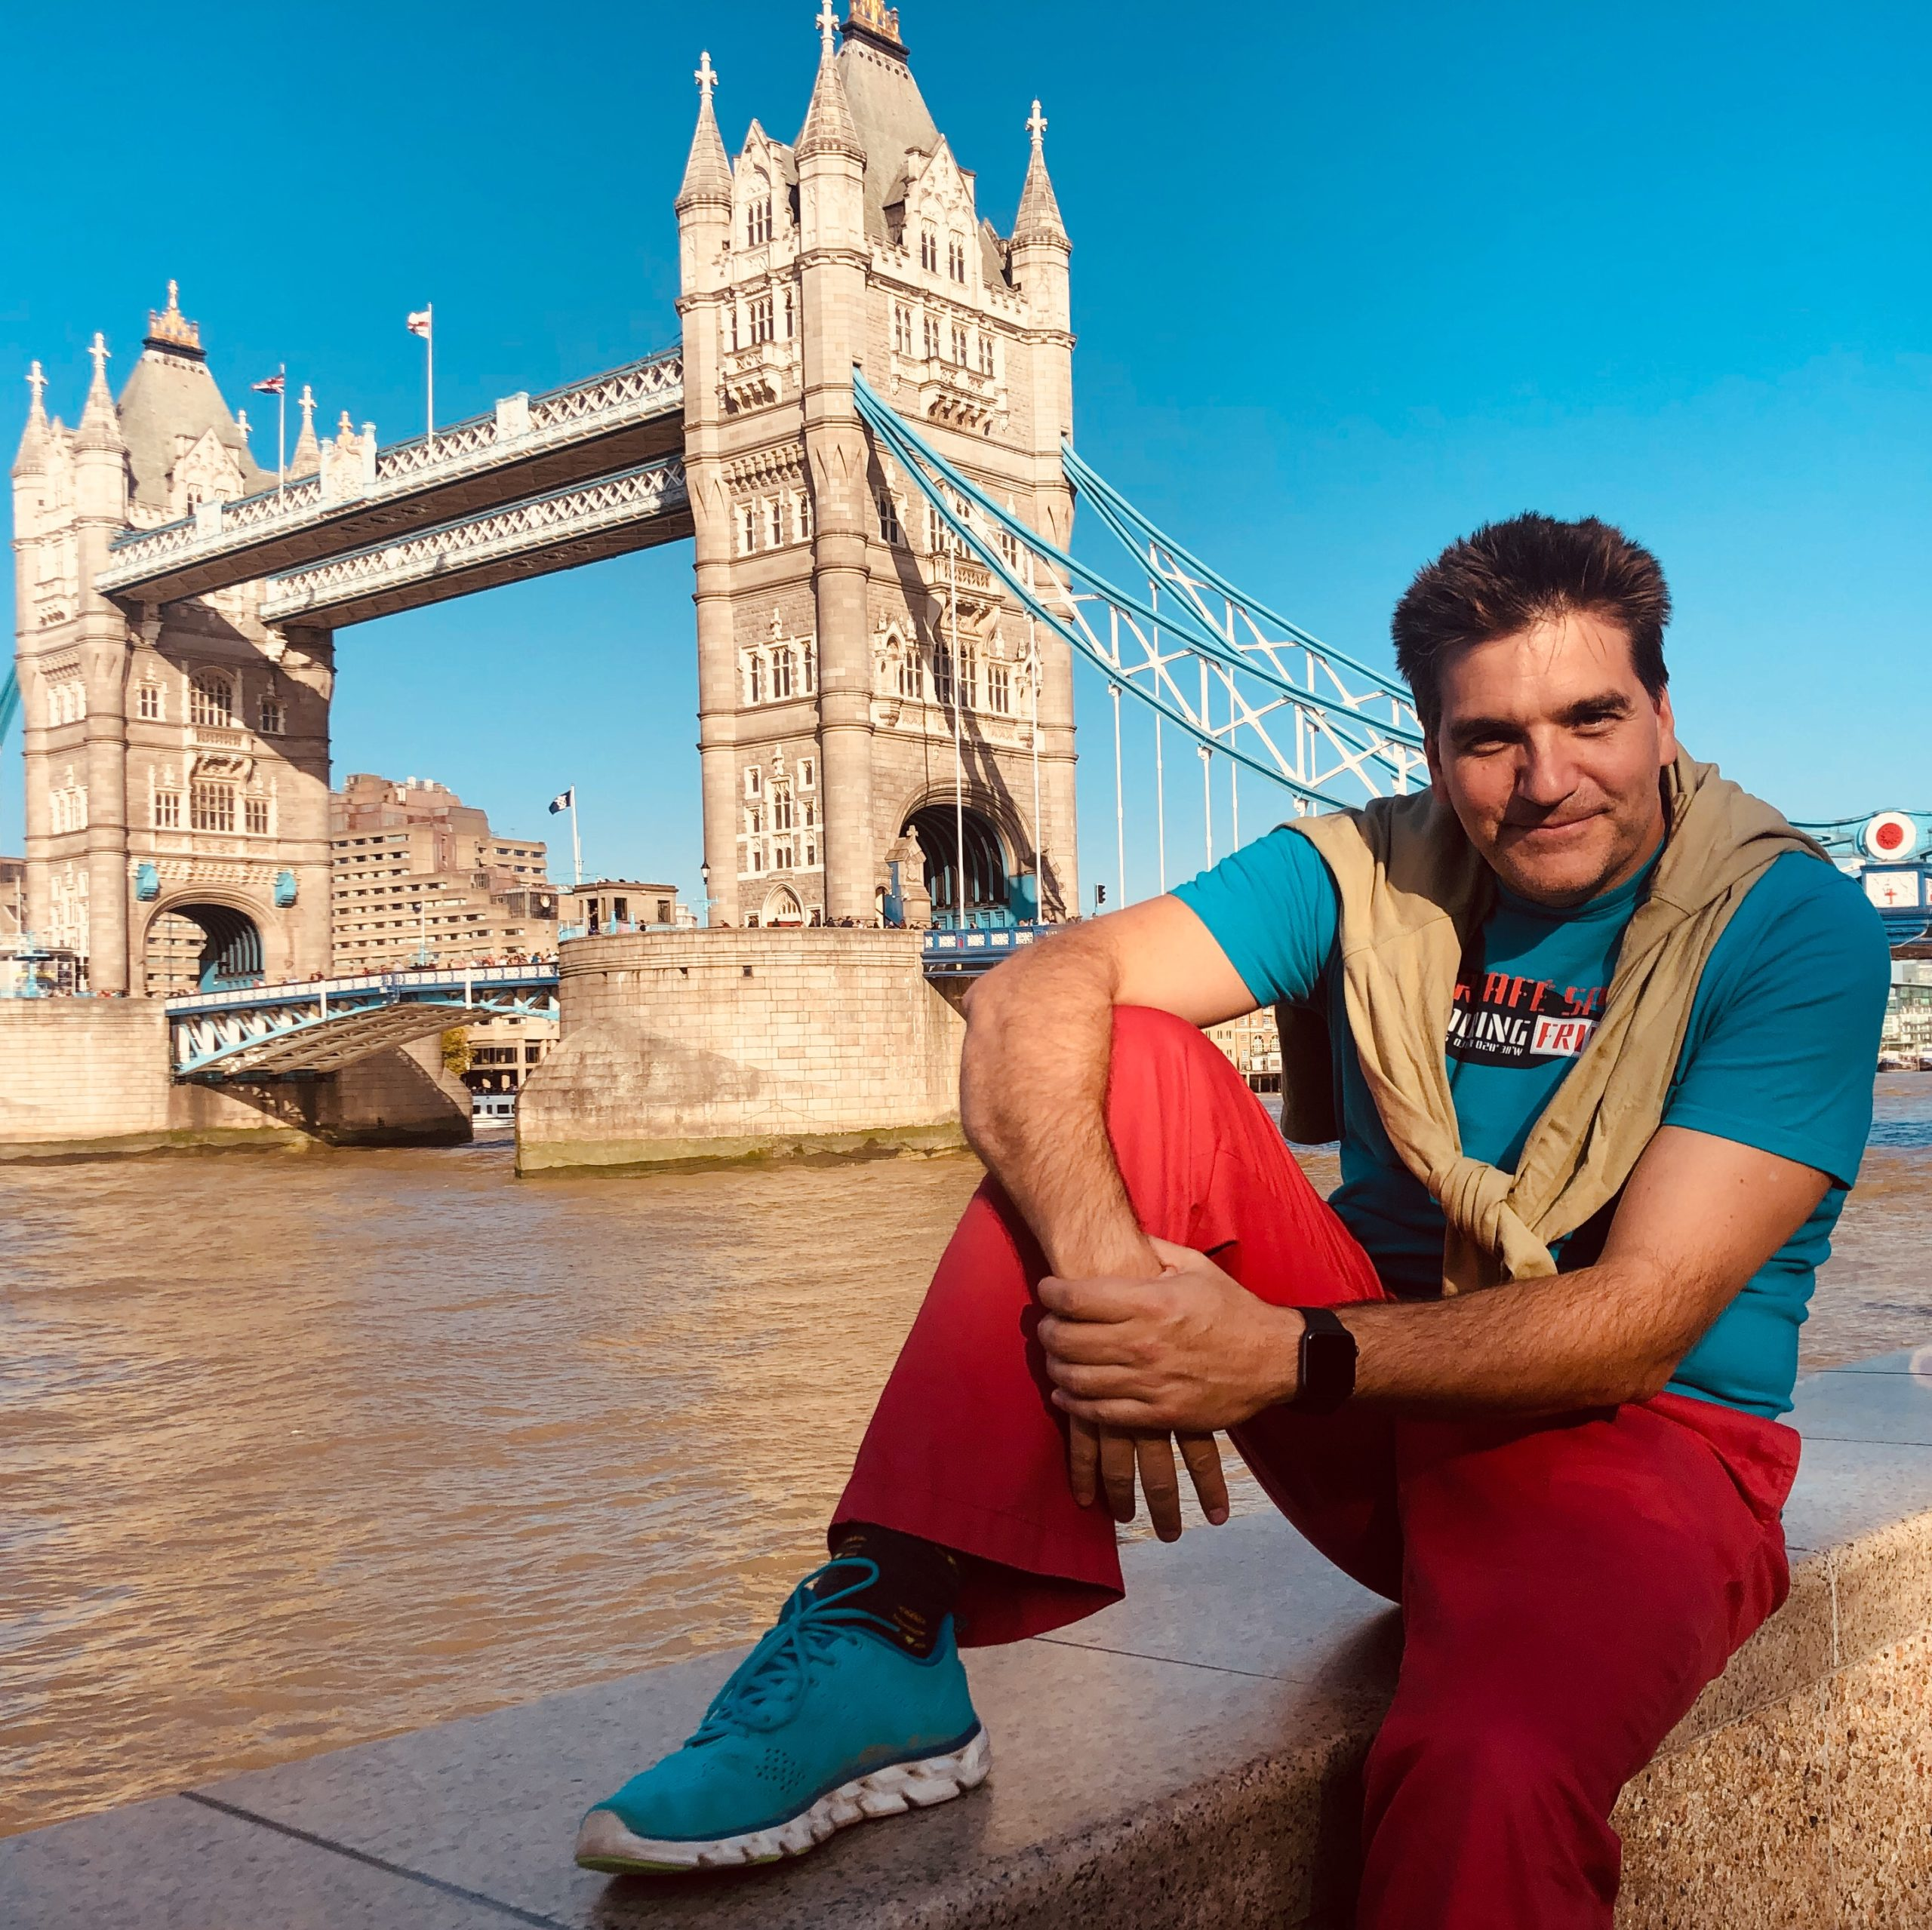 Michael Weilguny in London